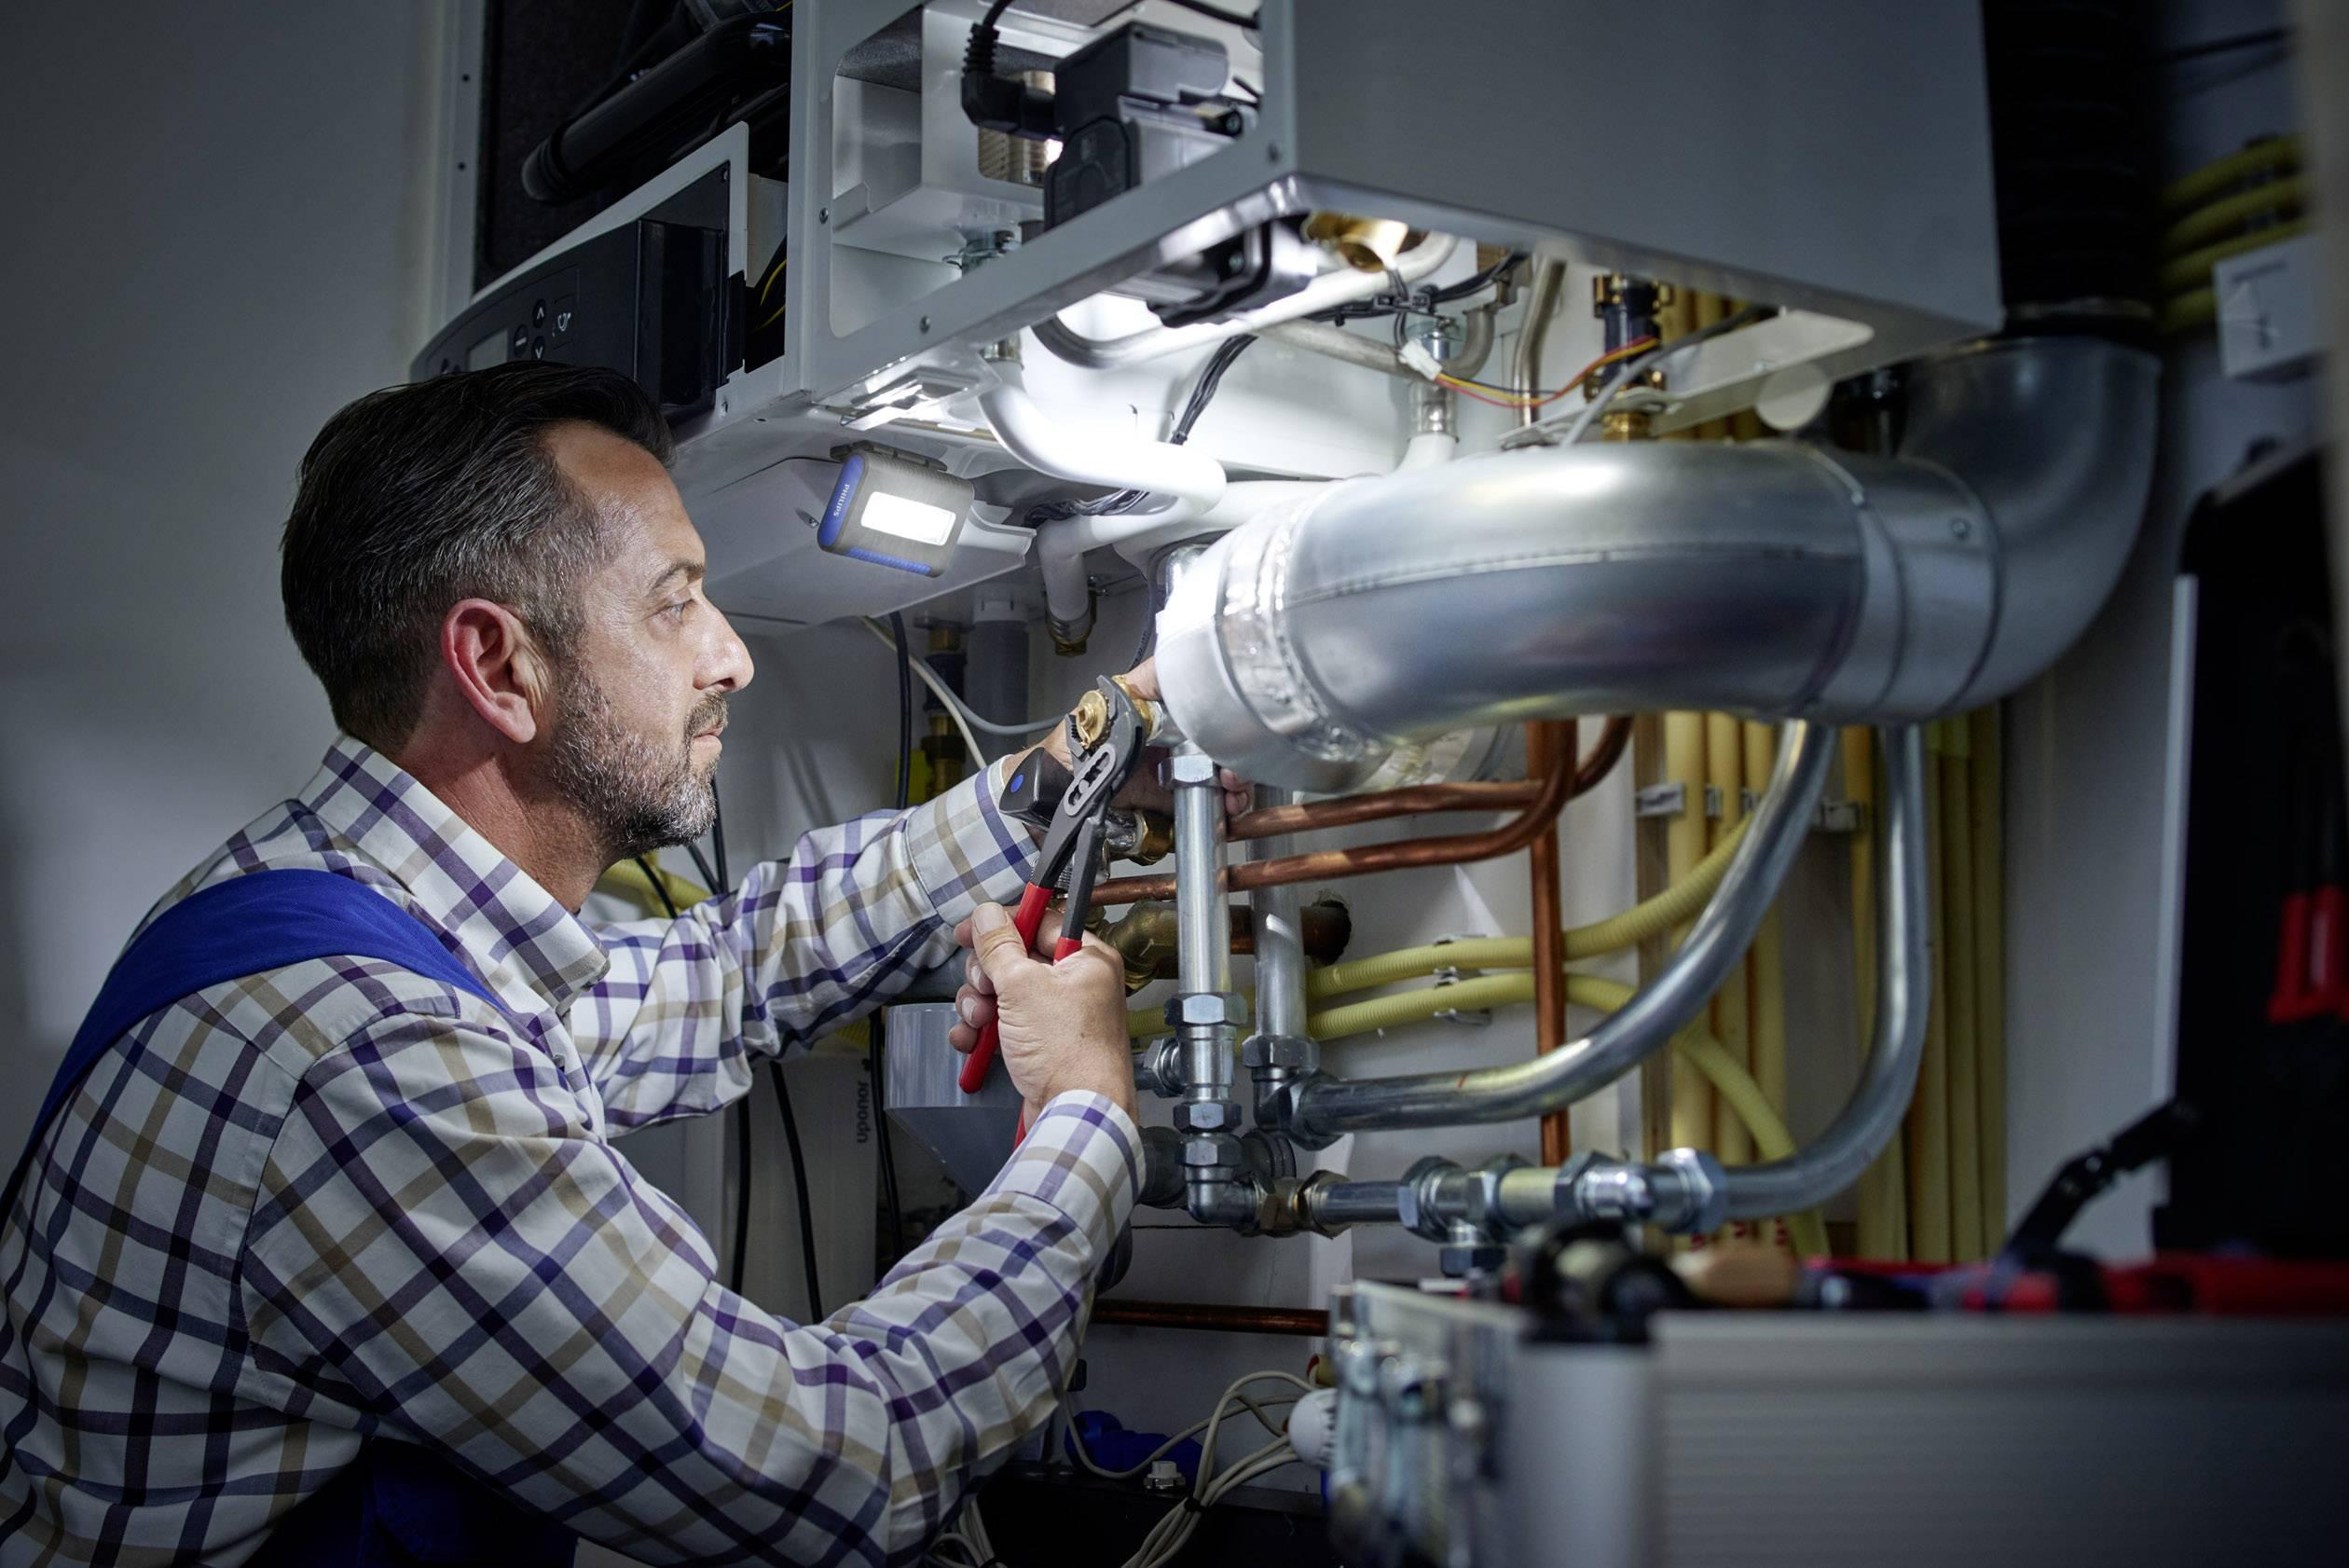 Lm130 Lpl38x1 Travail À Led Lampe De 7 70 3 Cms Batterie Philips W kOnw80P